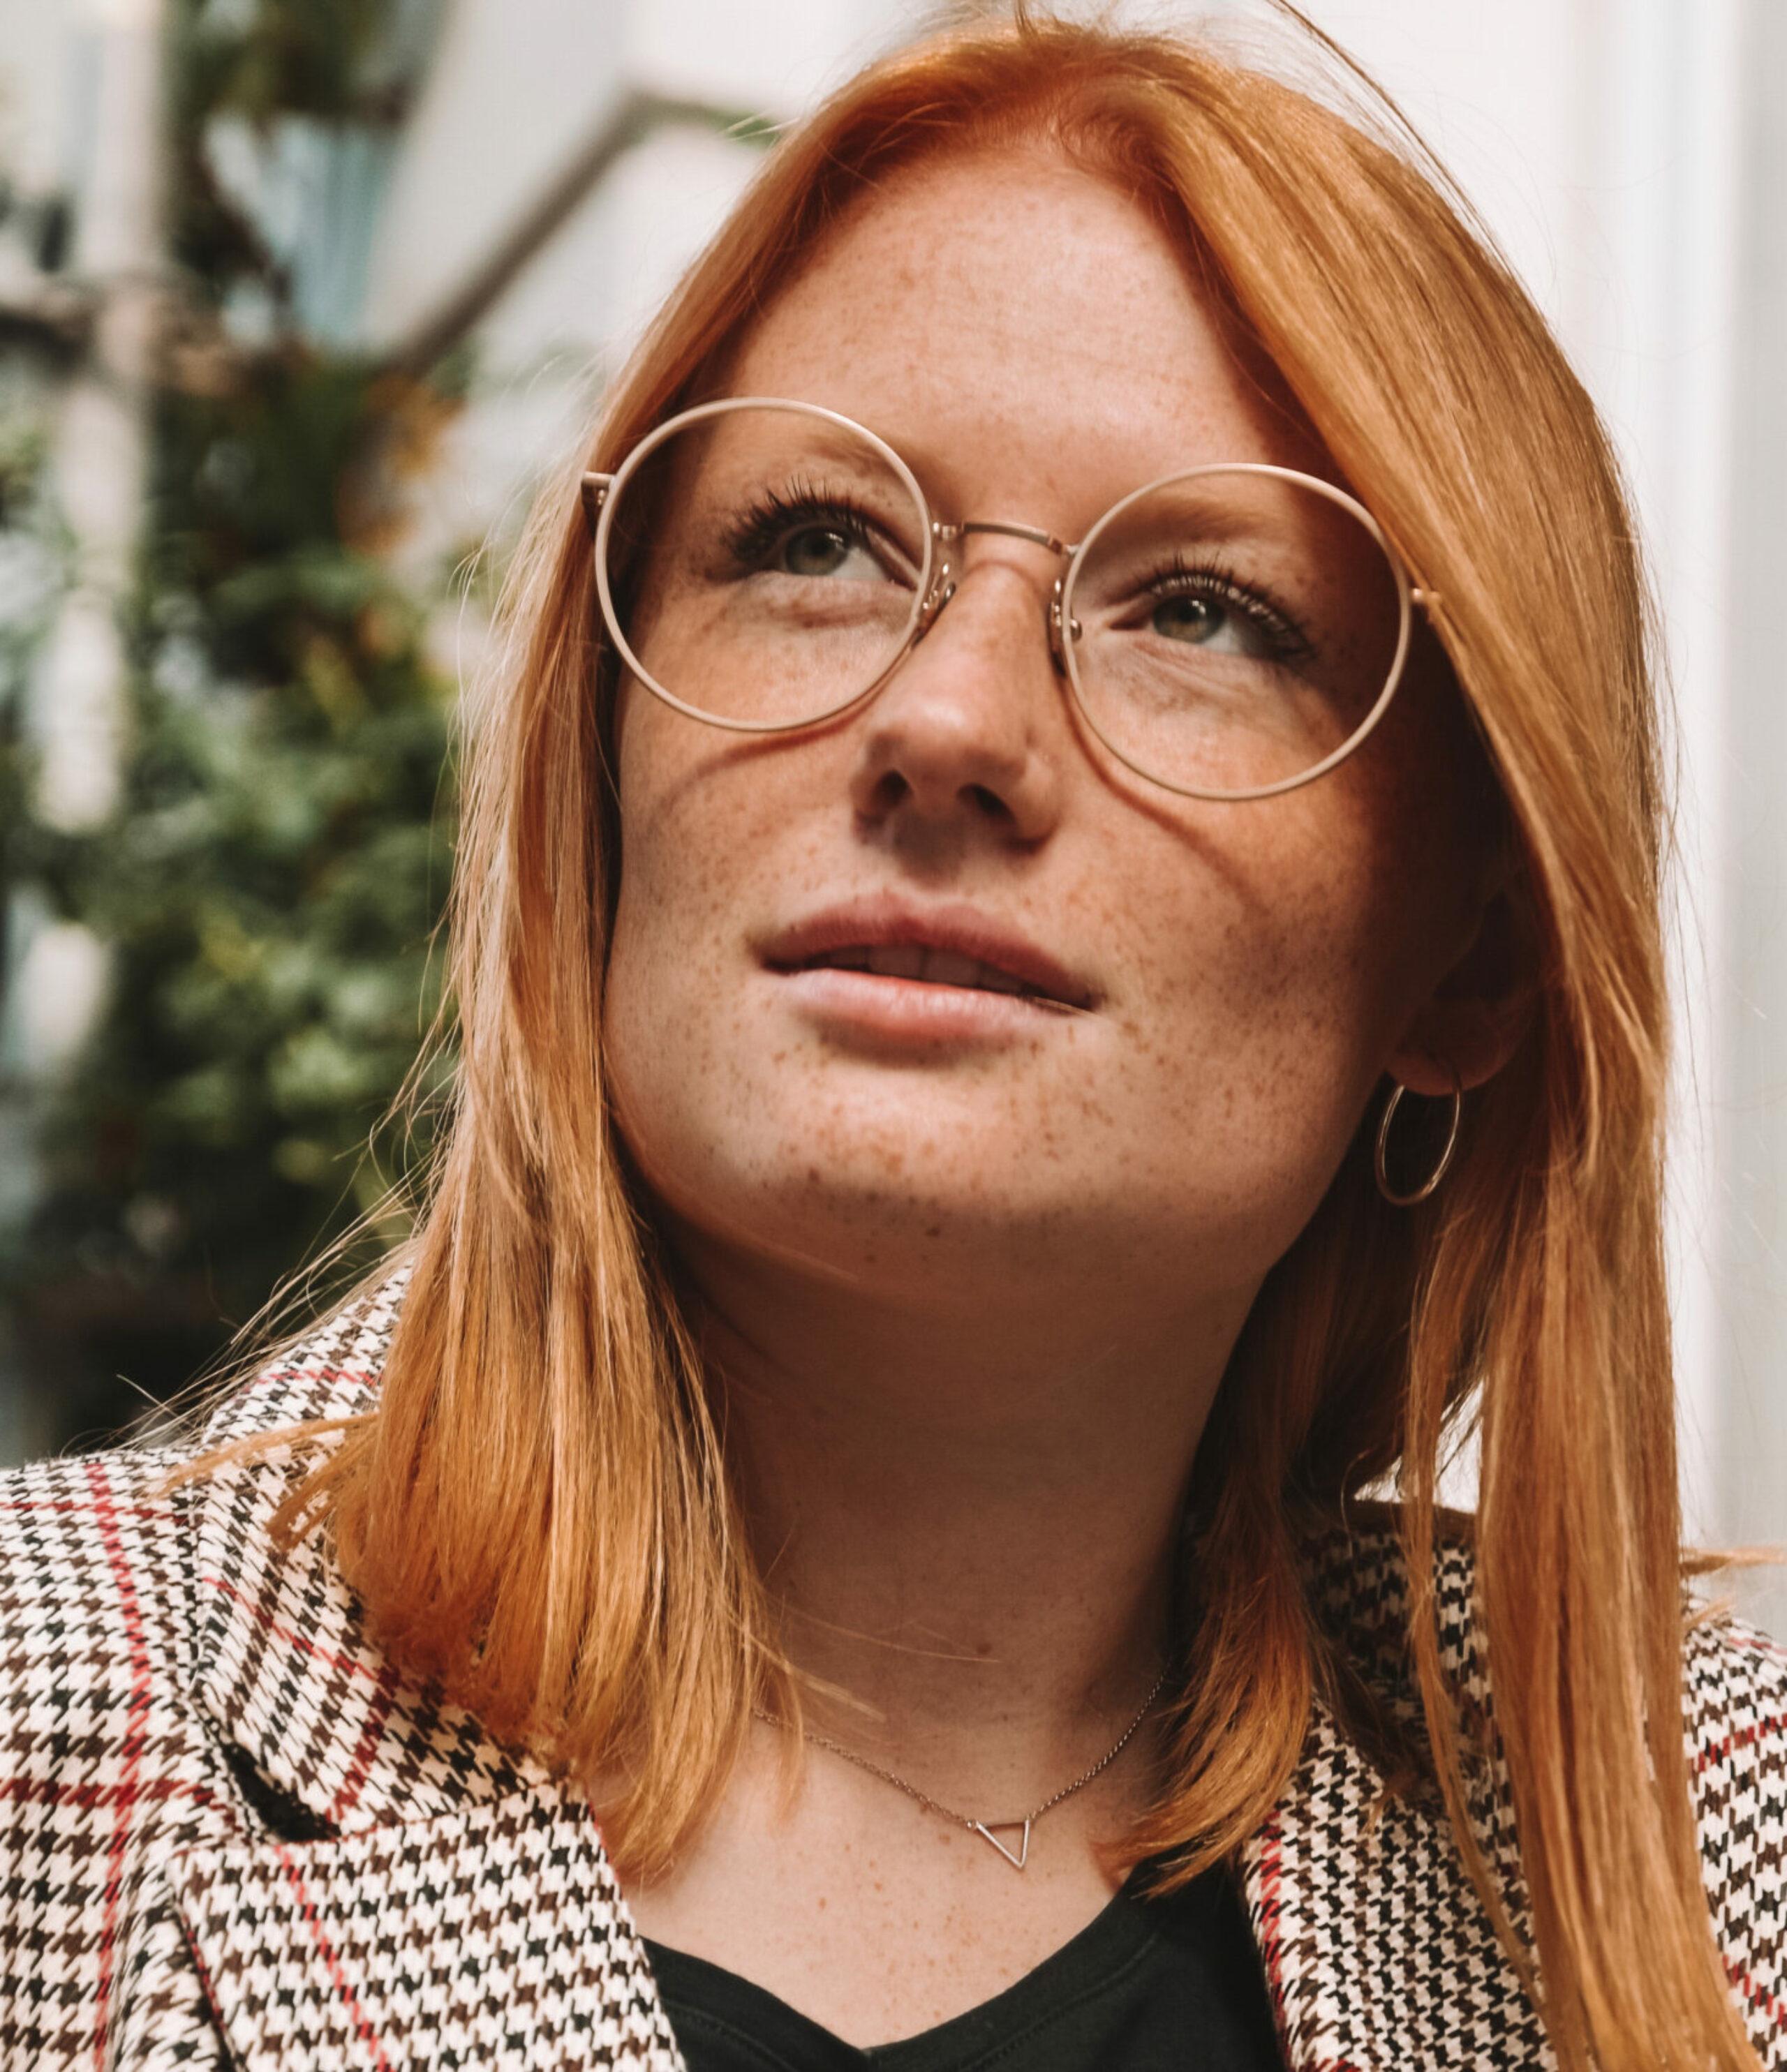 Voor haar: 5 damesbrillen onder 150 euro • Frames and Faces Deinze